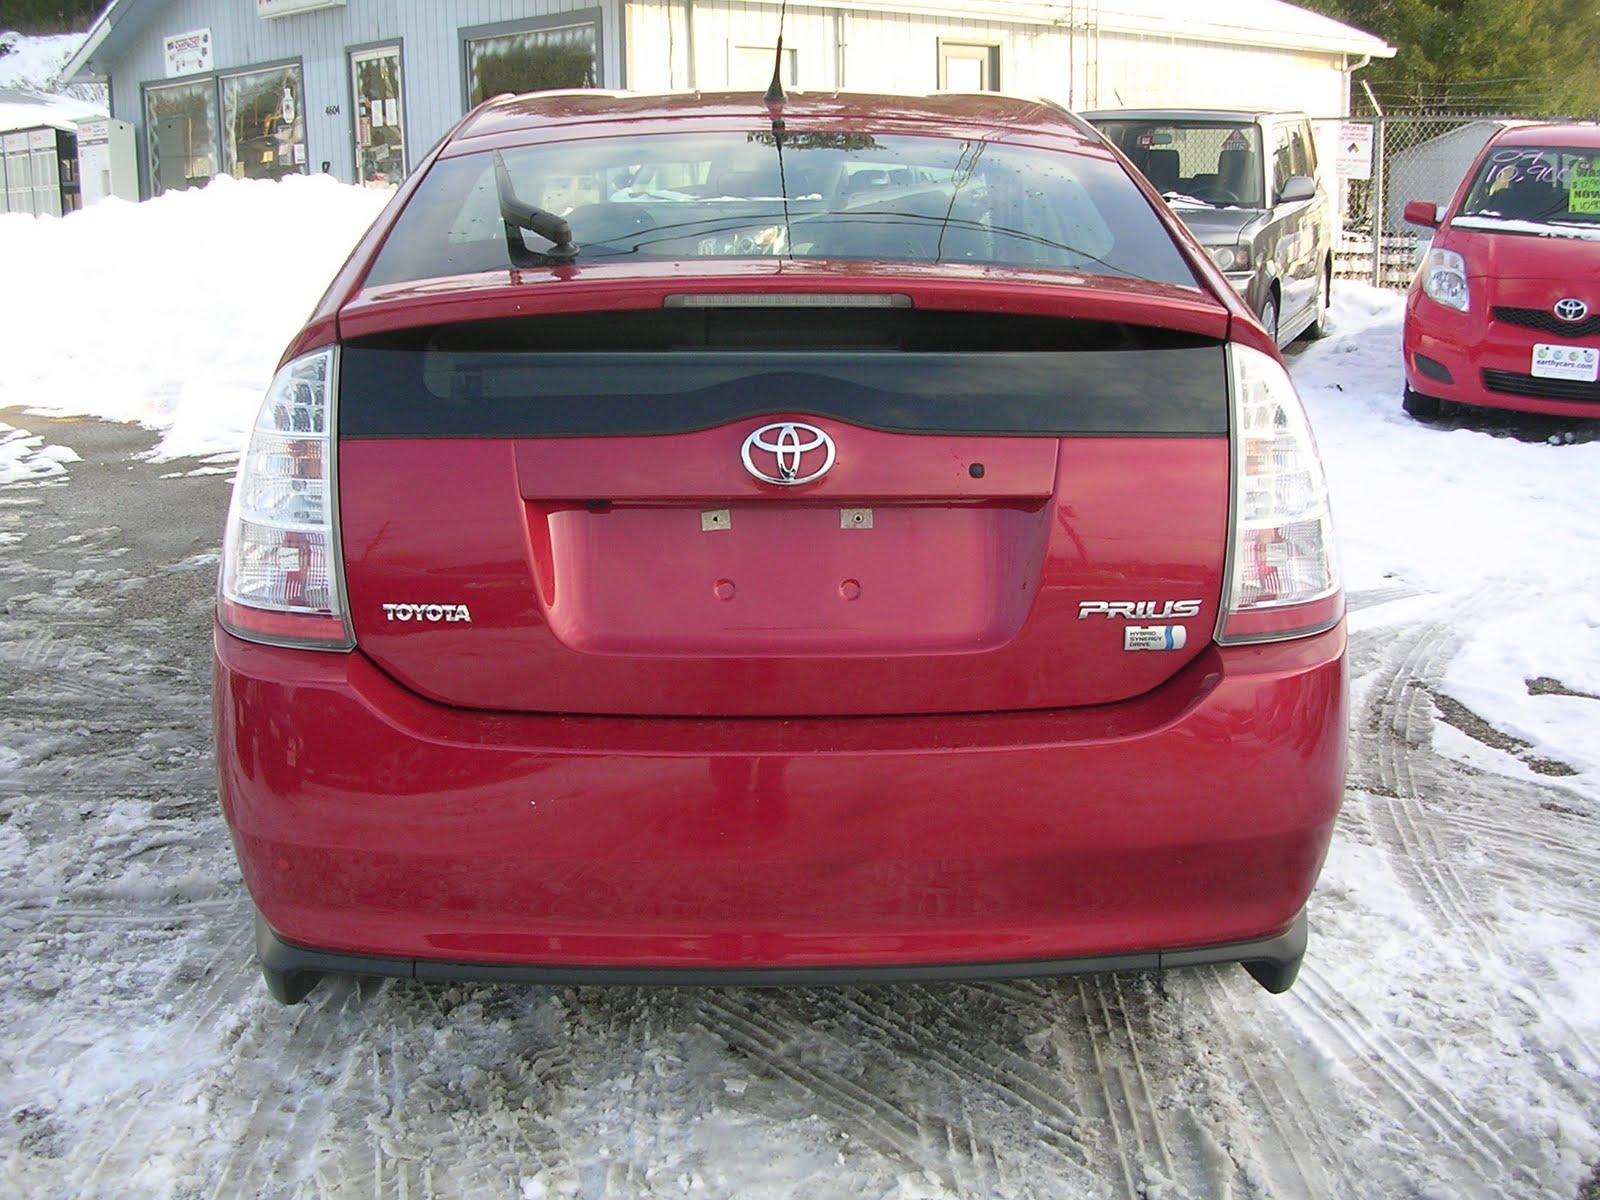 Http autos aol com cars toyota prius 2008 standard__5dr_sedan specs